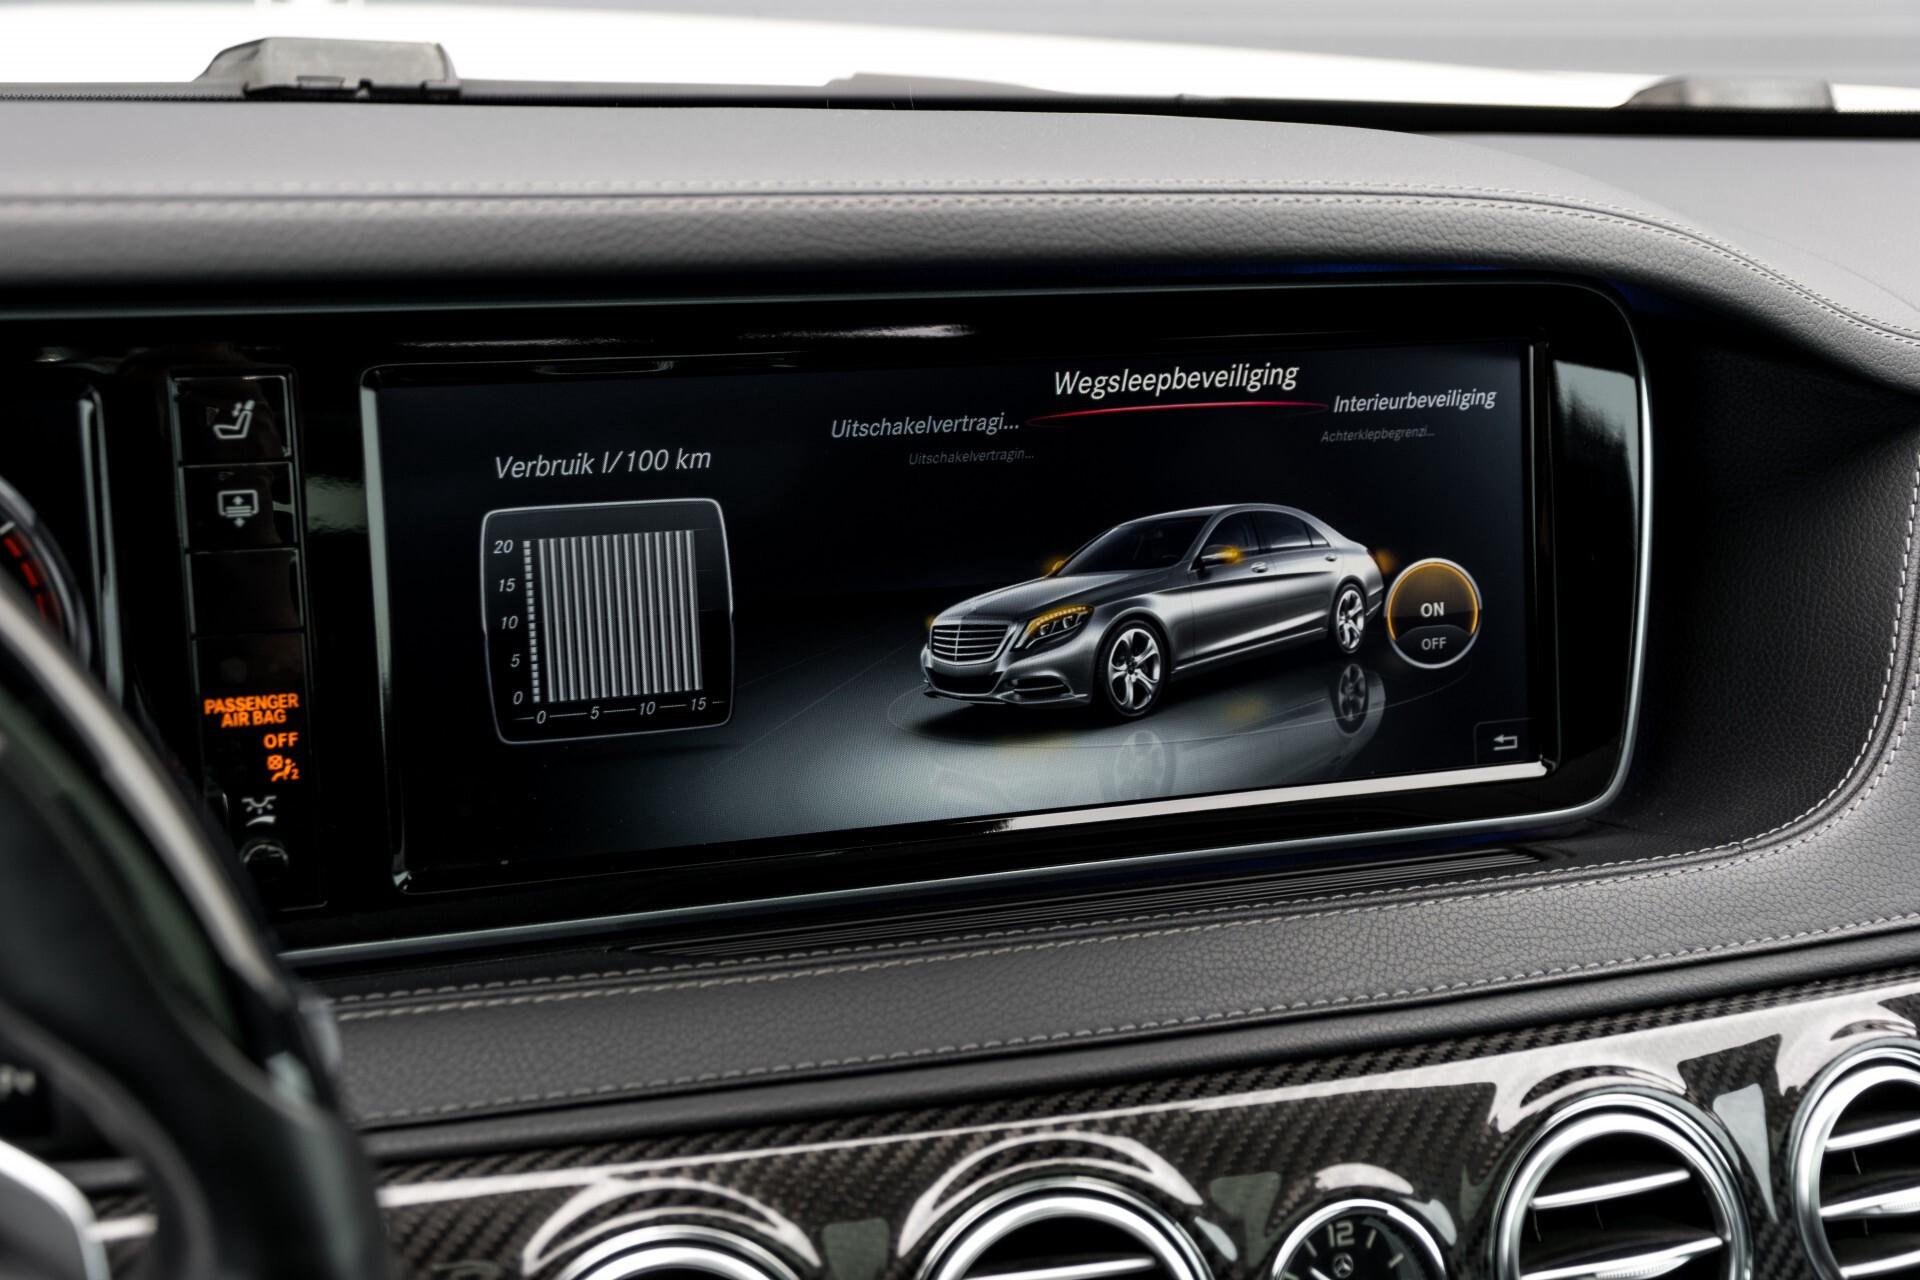 Mercedes-Benz S-Klasse 350 Bluetec Lang 4-M AMG Plus Carbon/Burmester 3D/Standkachel/4xMassage/Entertainment Aut7 Foto 37